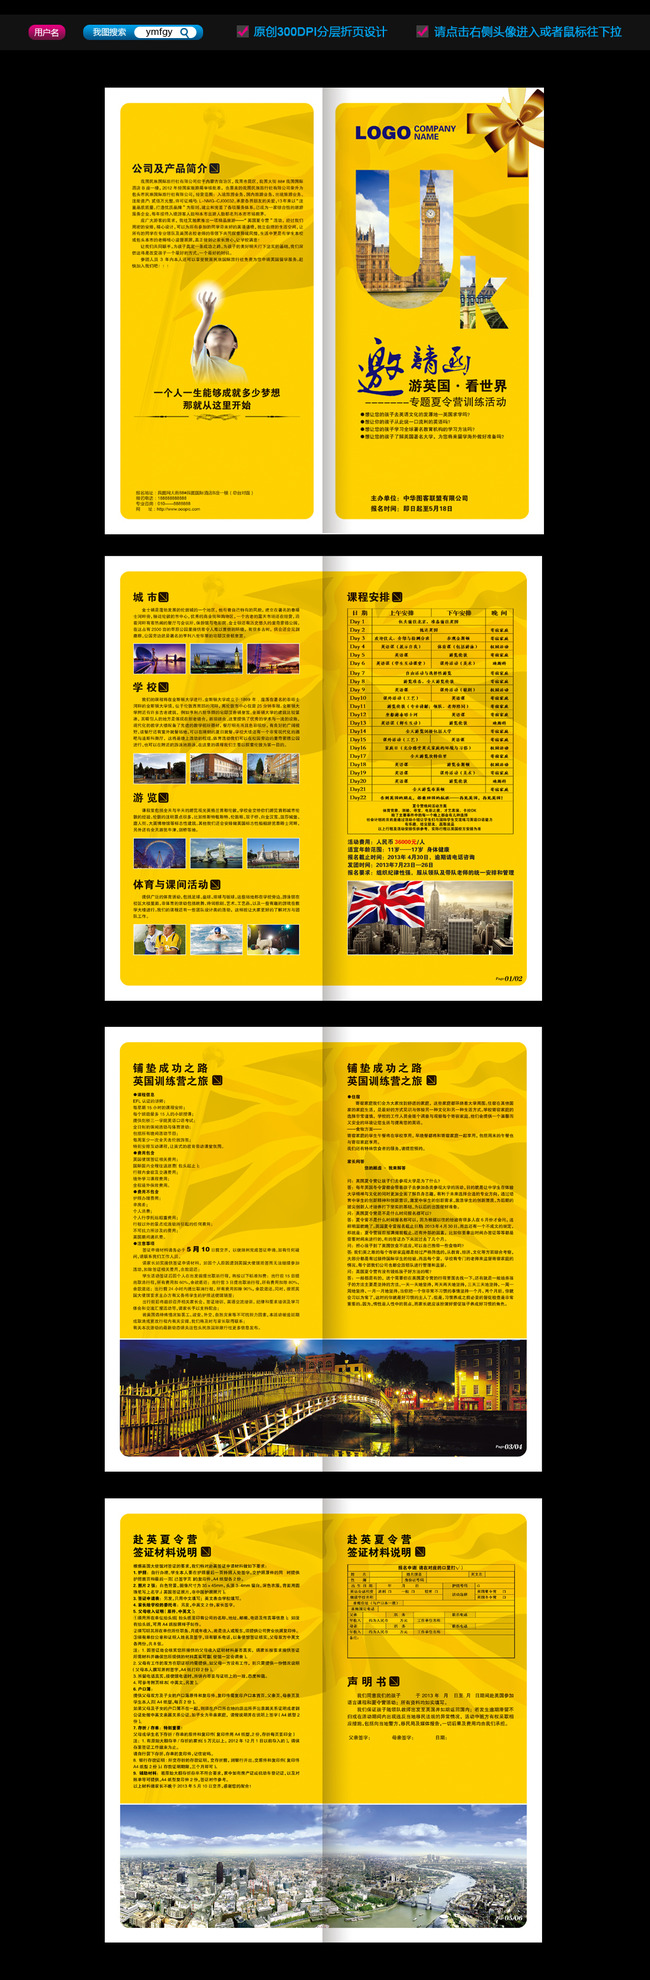 留学出国邀请函折页设计模板下载